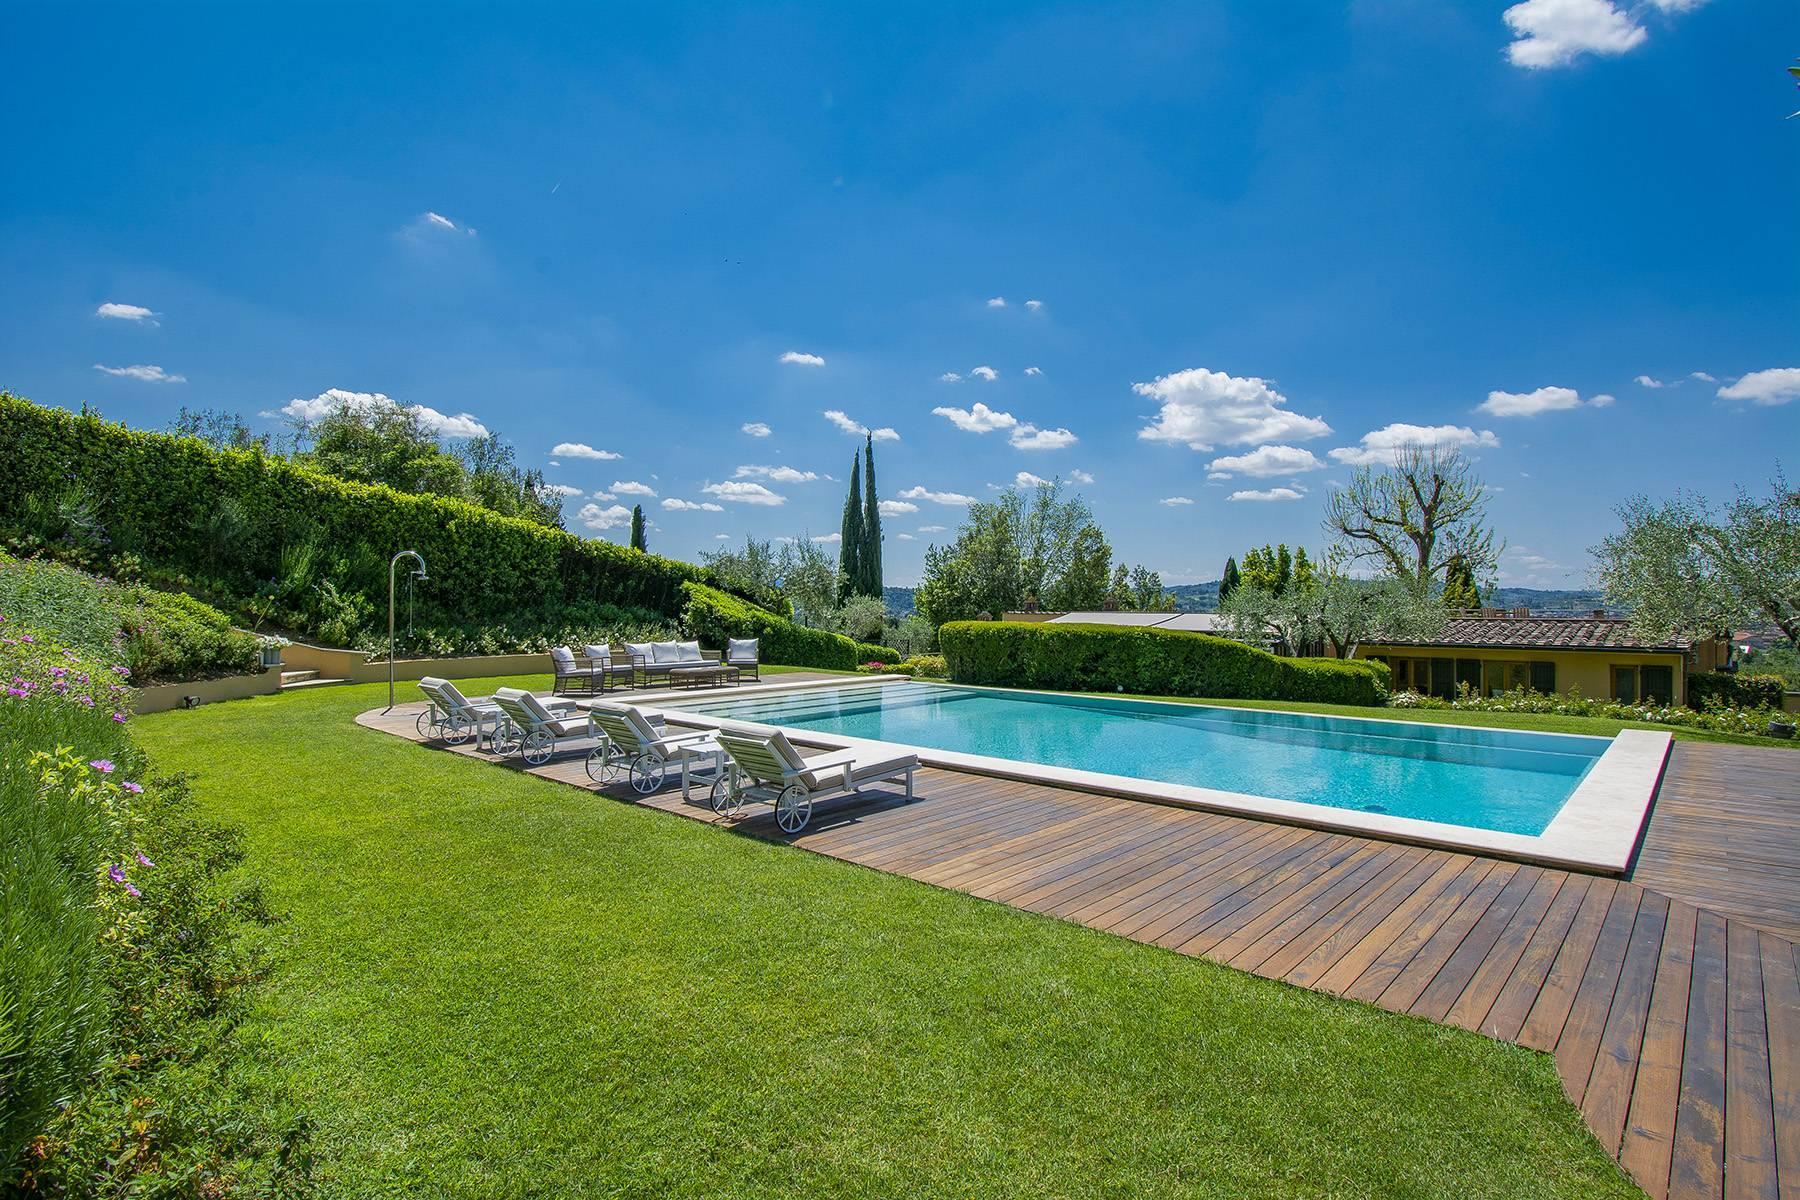 Außergewöhnliche Villa auf den Hügeln um Florenz mit Swimmingpool und Fitnessraum - 5